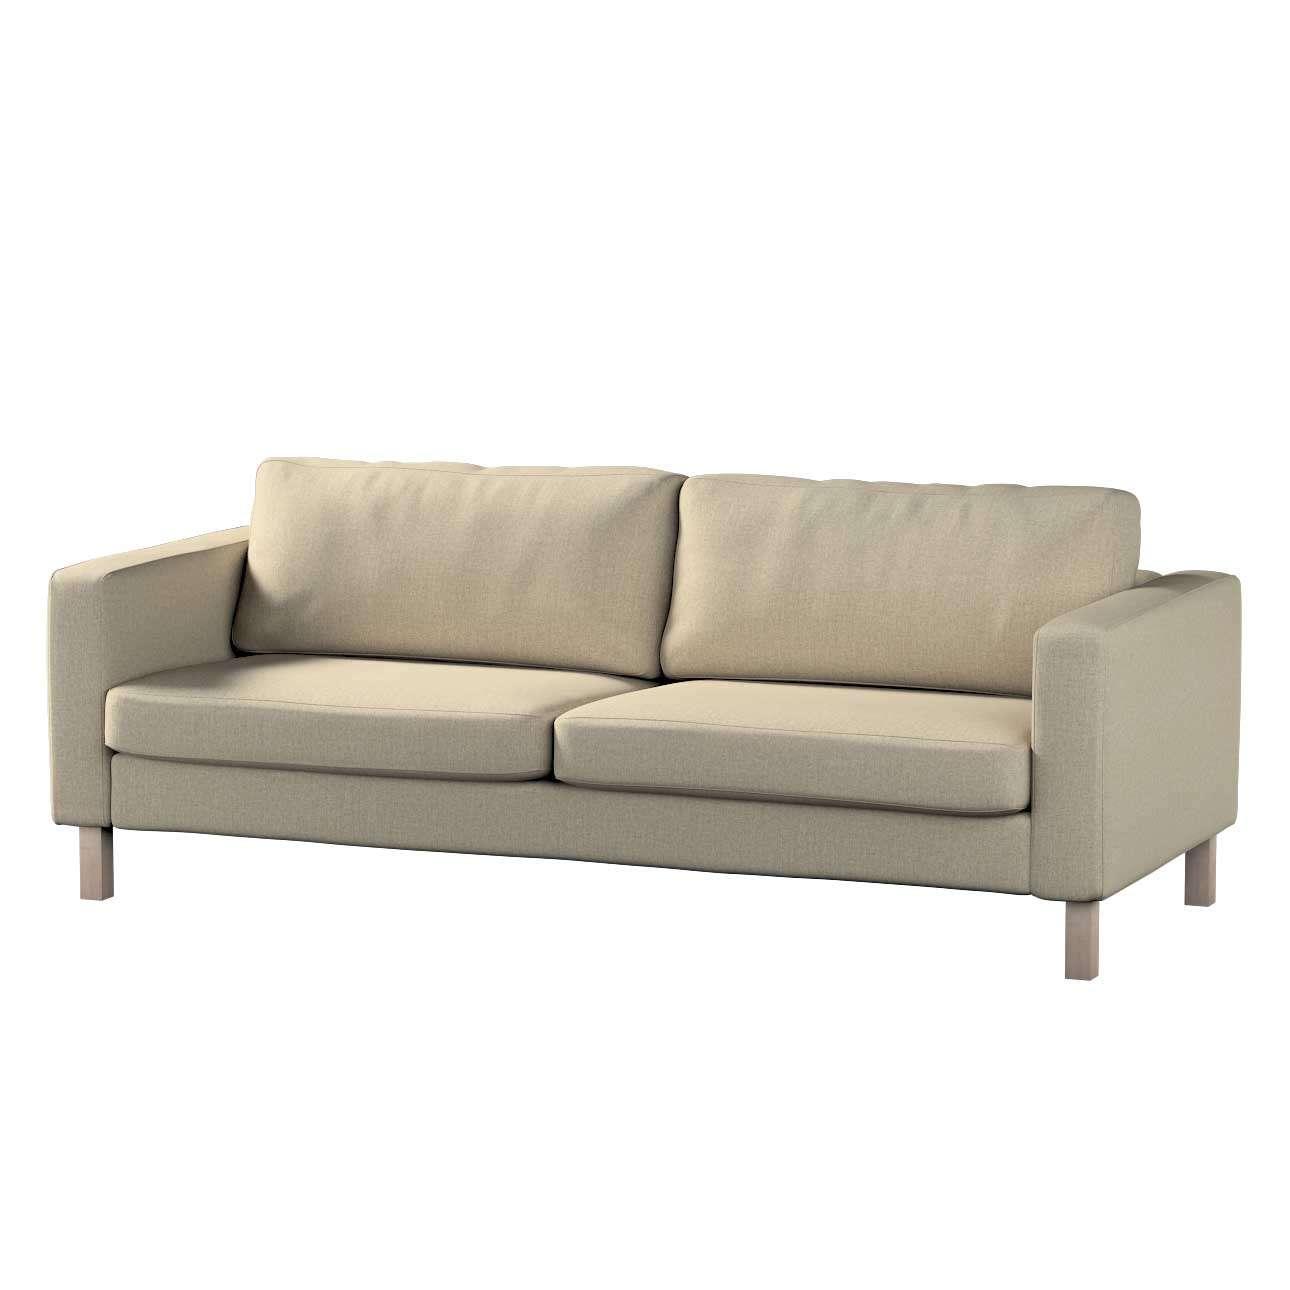 Pokrowiec na sofę Karlstad rozkładaną w kolekcji City, tkanina: 704-80